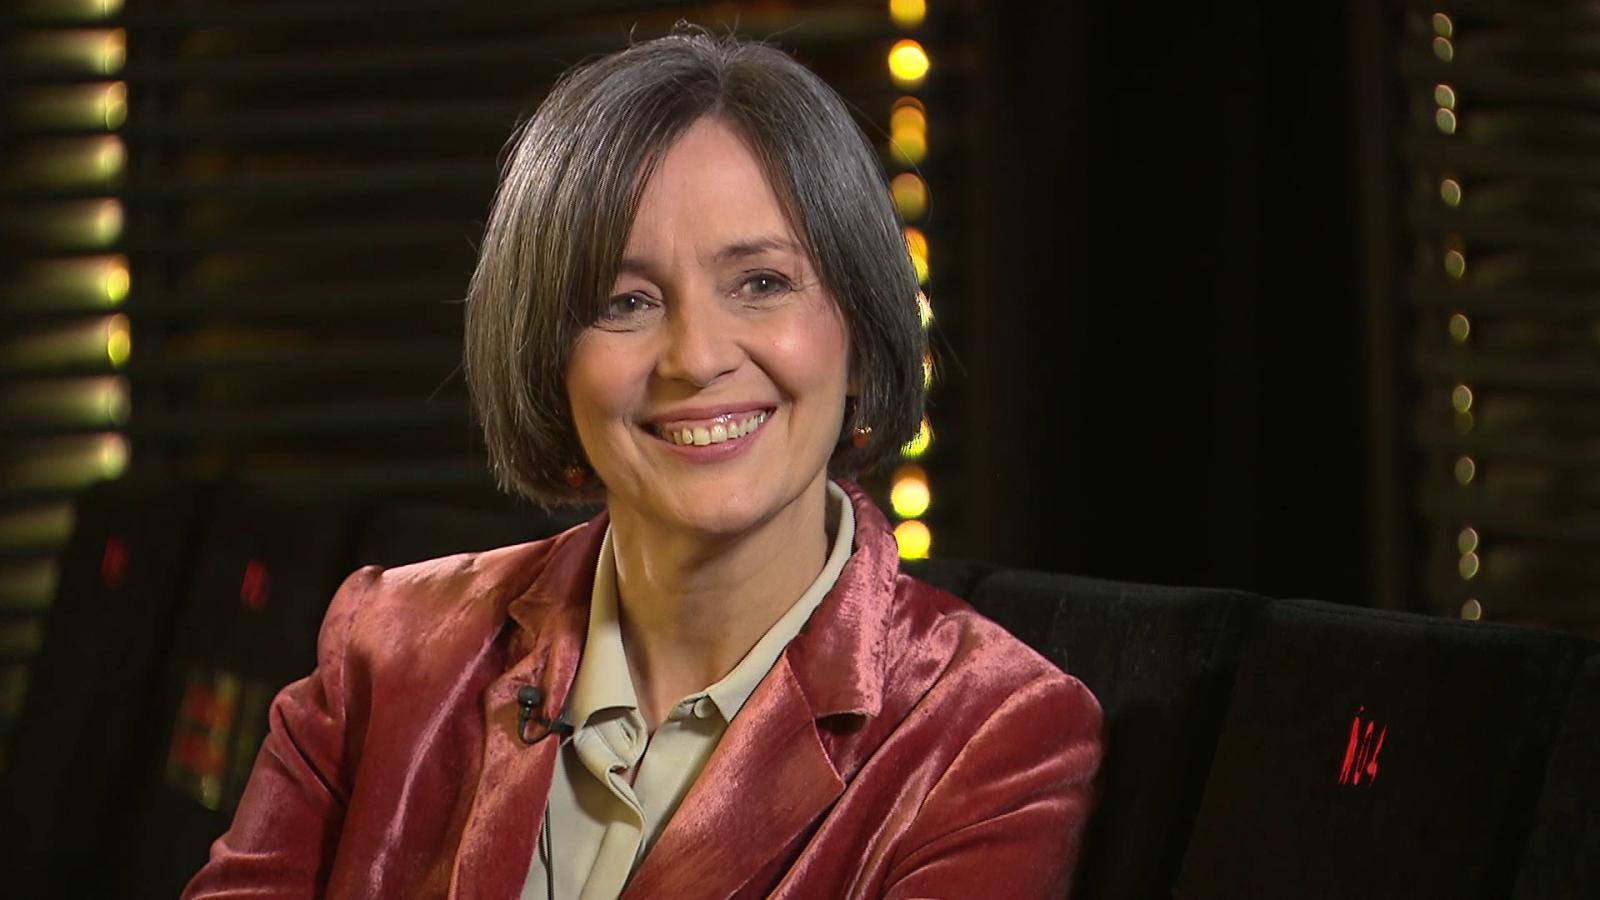 Entrevista completa con la directora de documentales Arantxa Aguirre